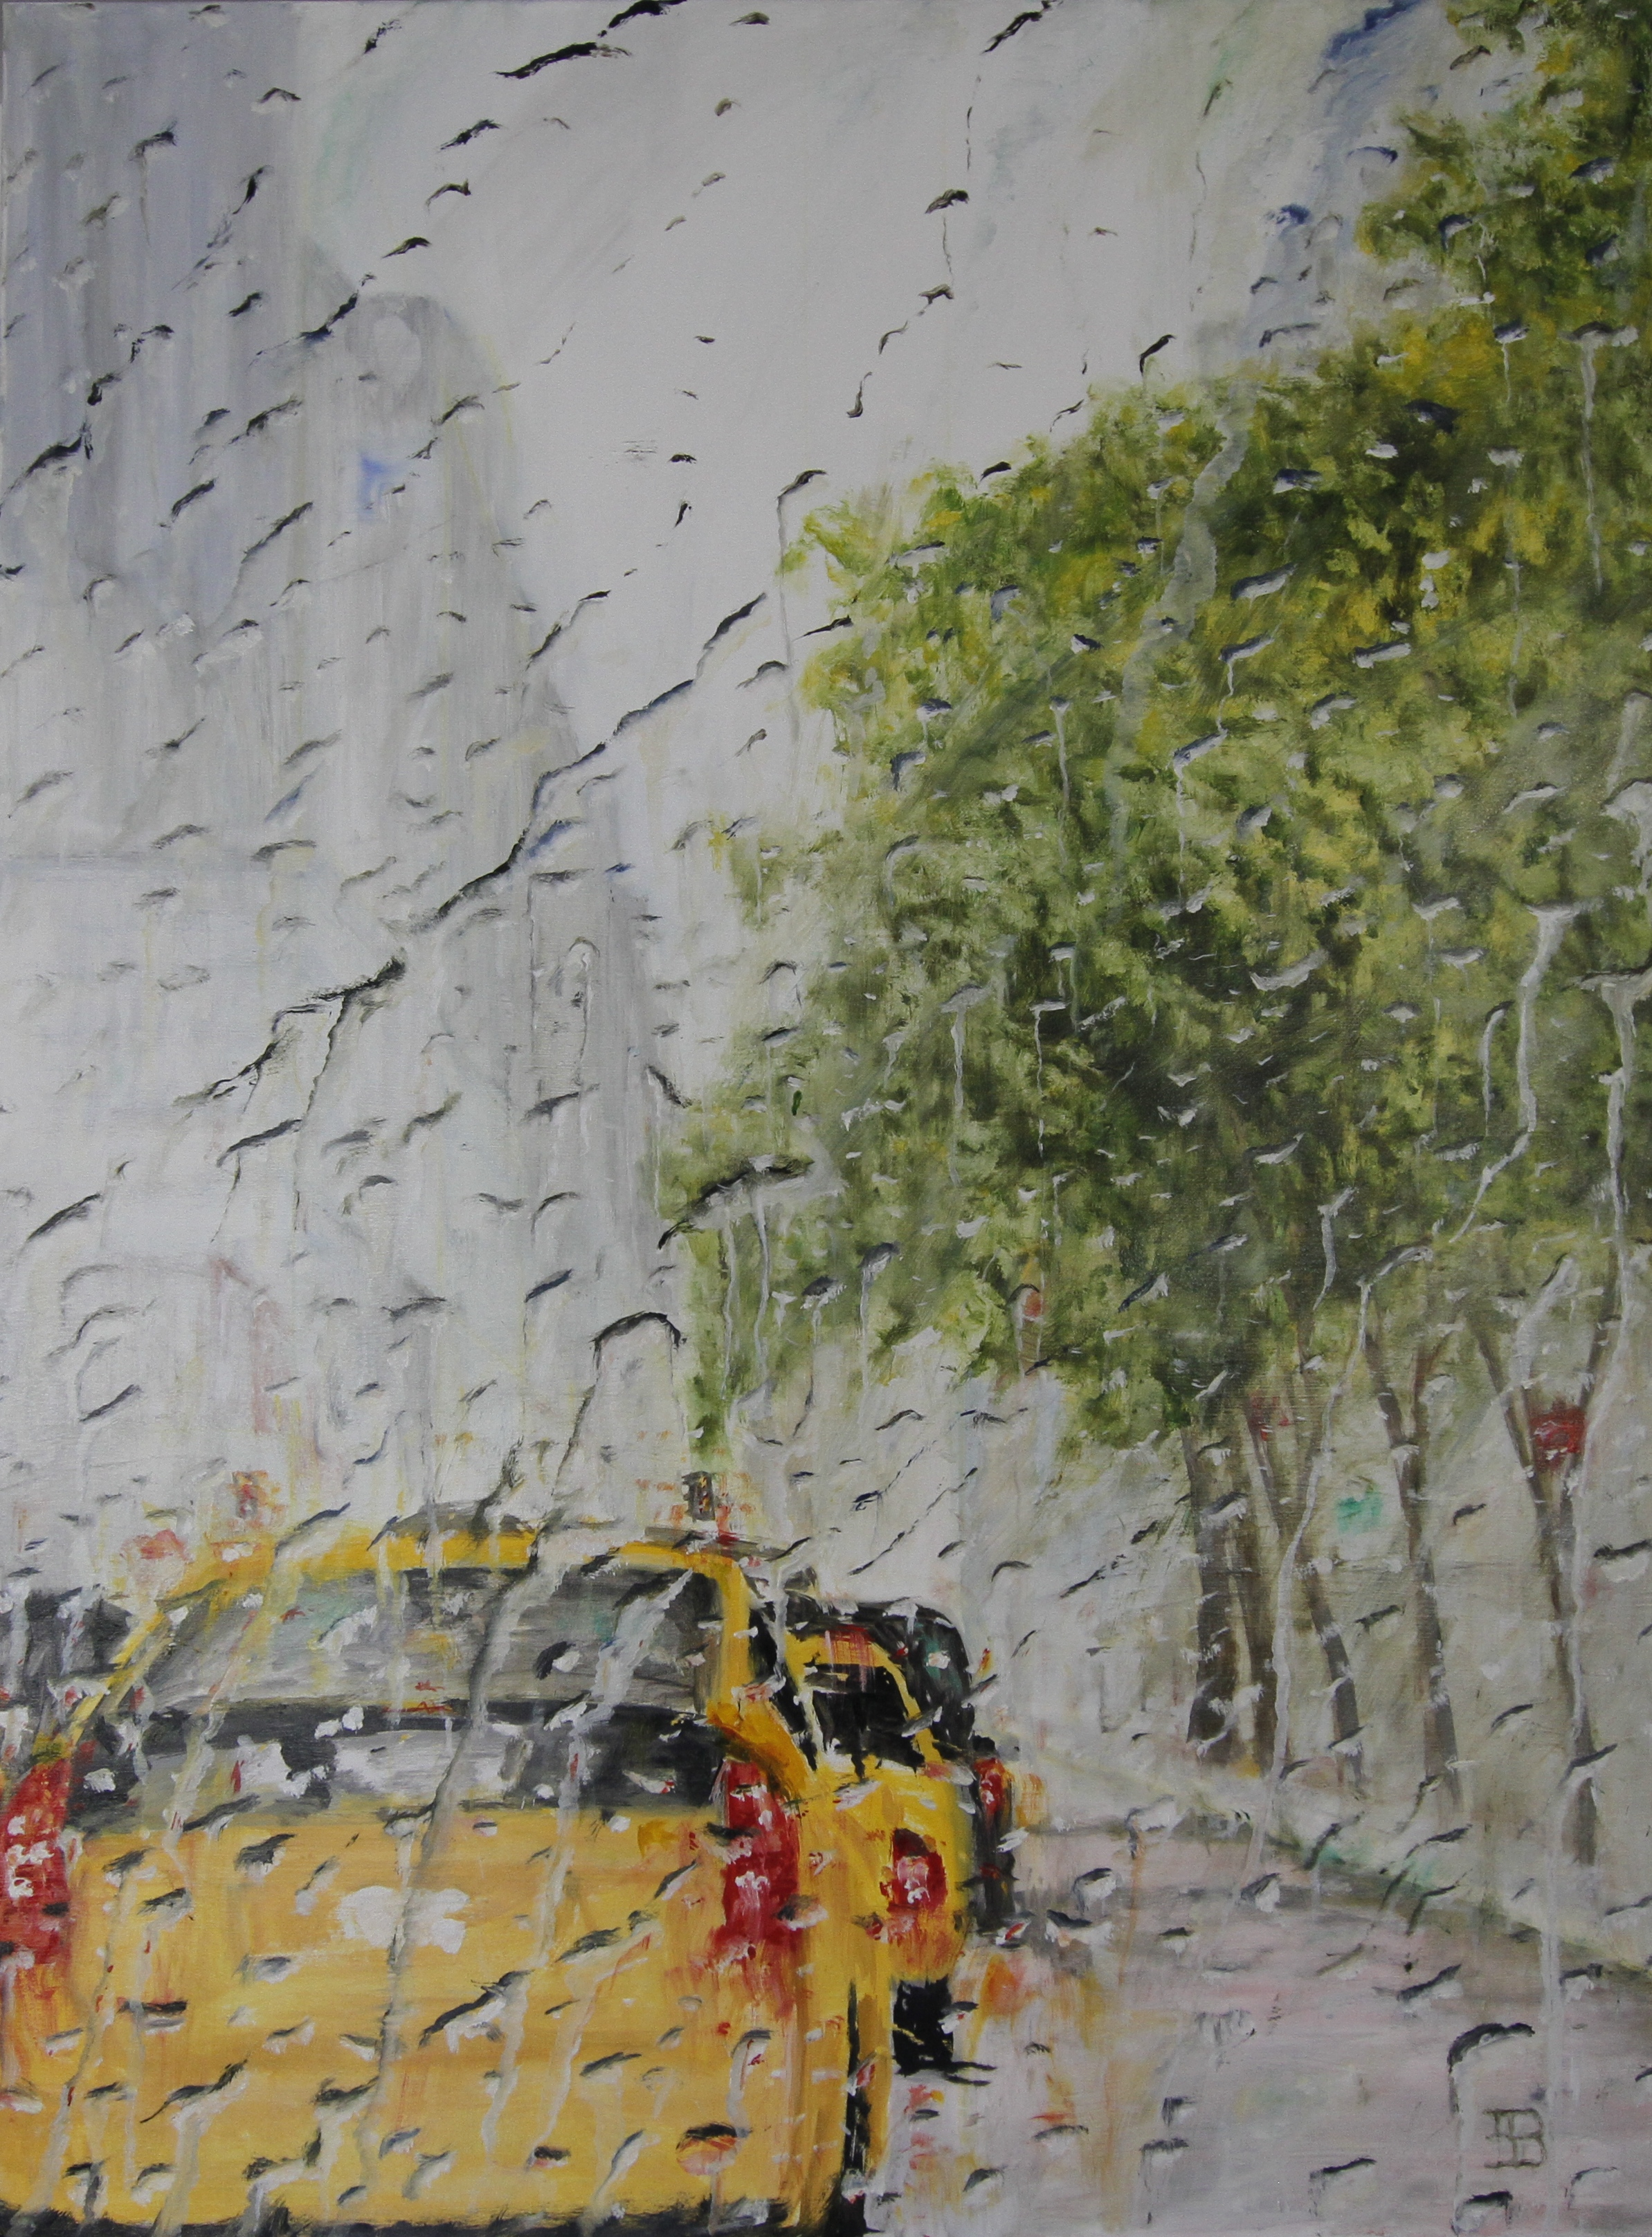 Spring Rain in New York City